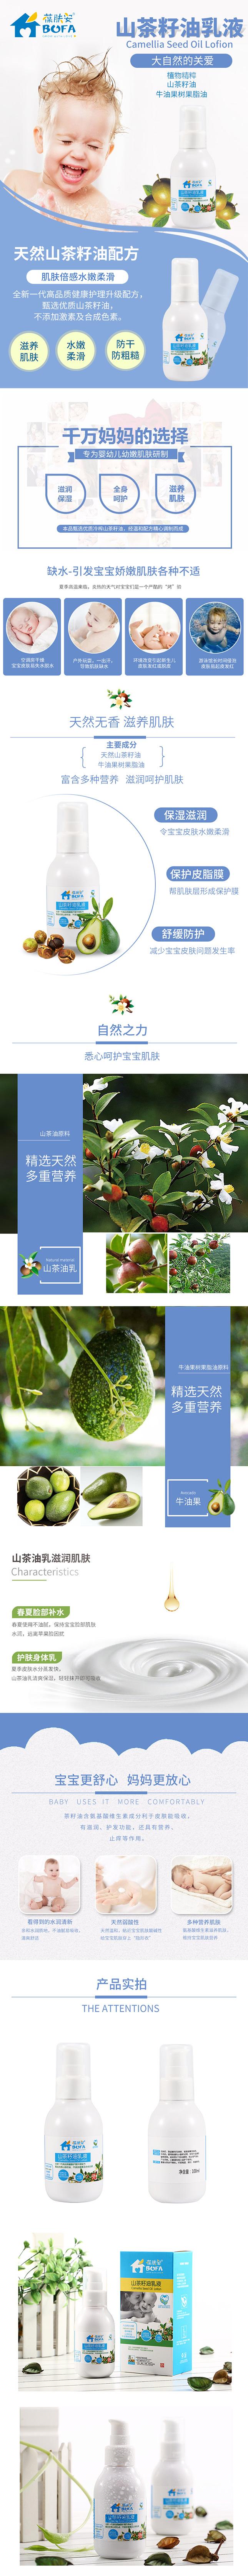 山茶油乳液详情页18.12(1).jpg